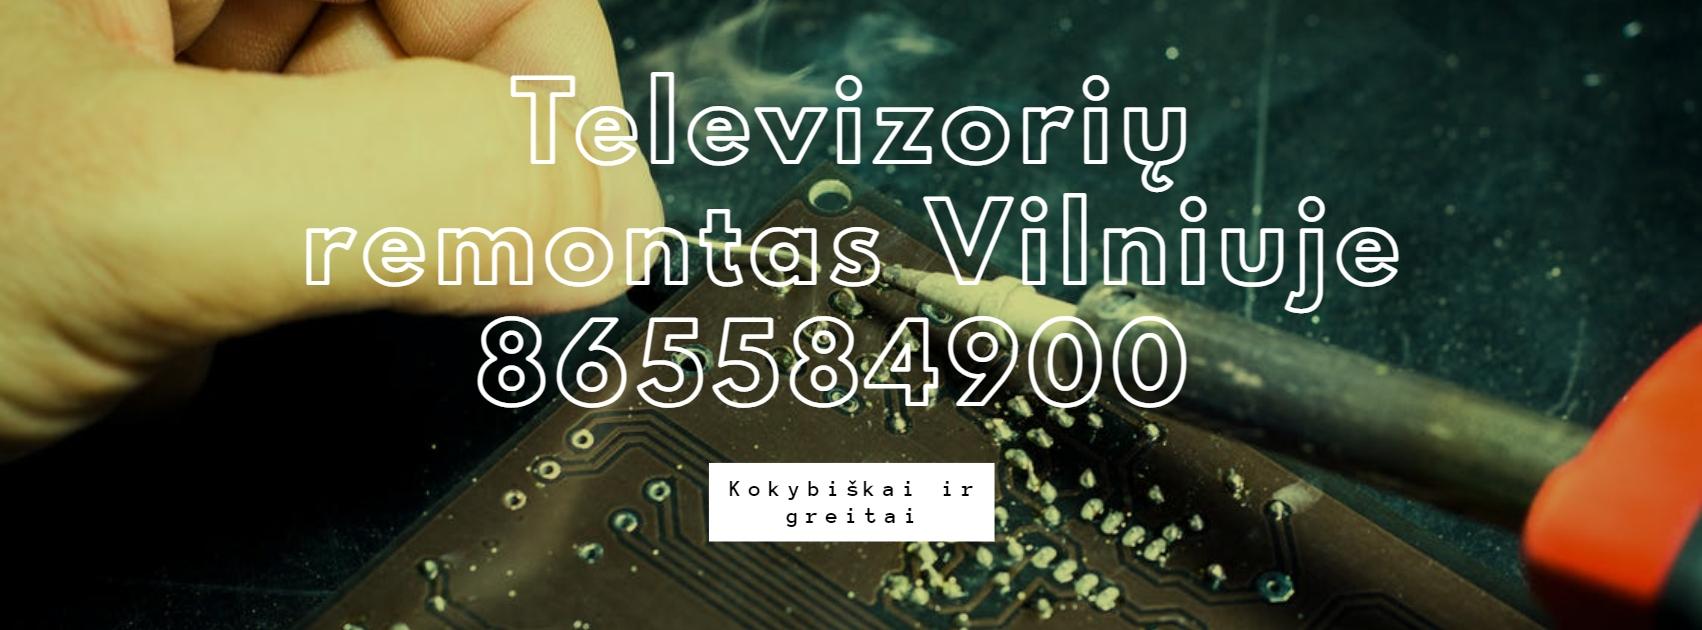 Televizorių remontas Vilniuje 2